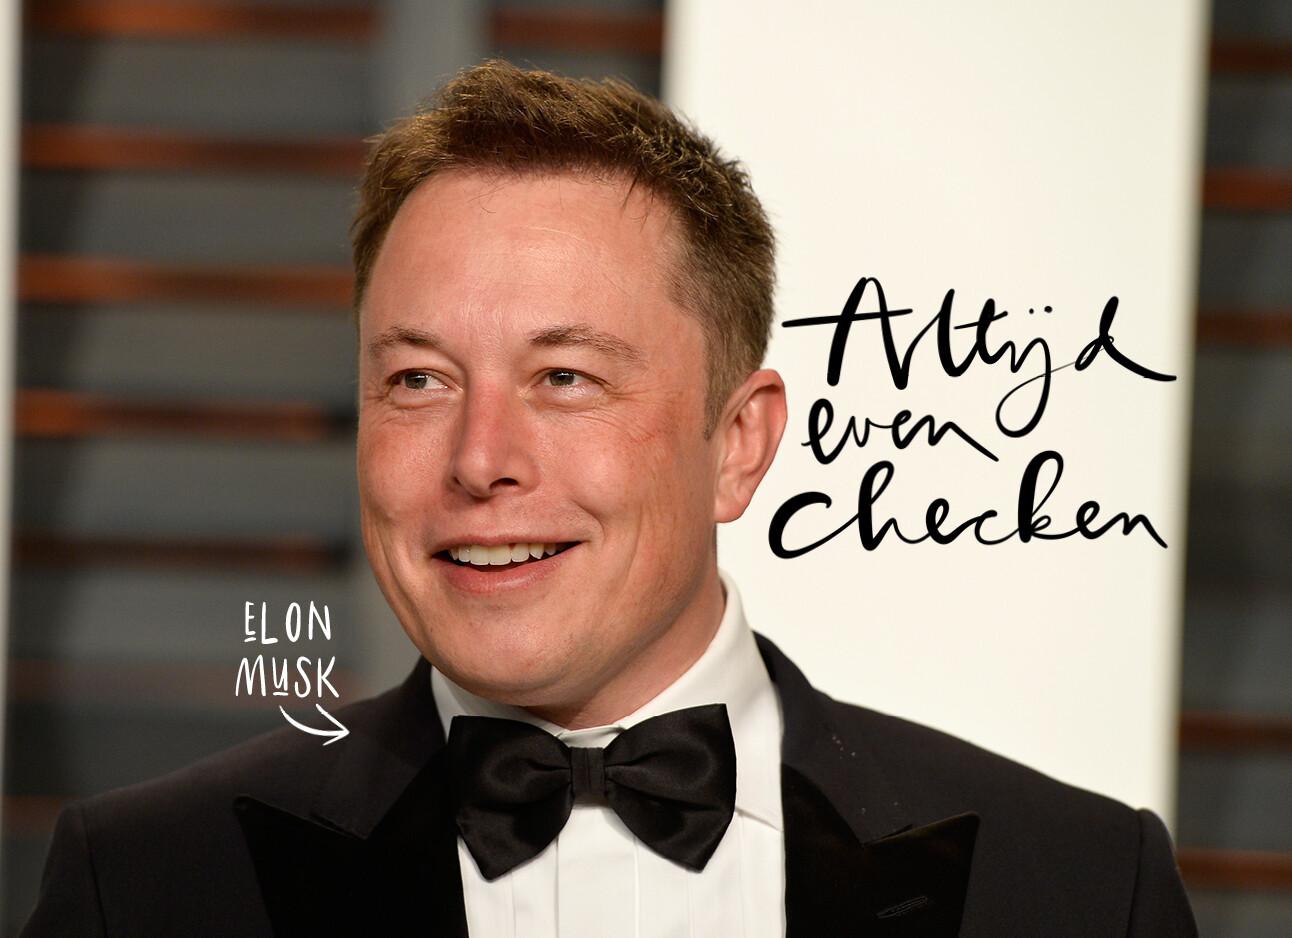 De vraag die Elon Musk altijd stelt bij een sollicitatiegesprek